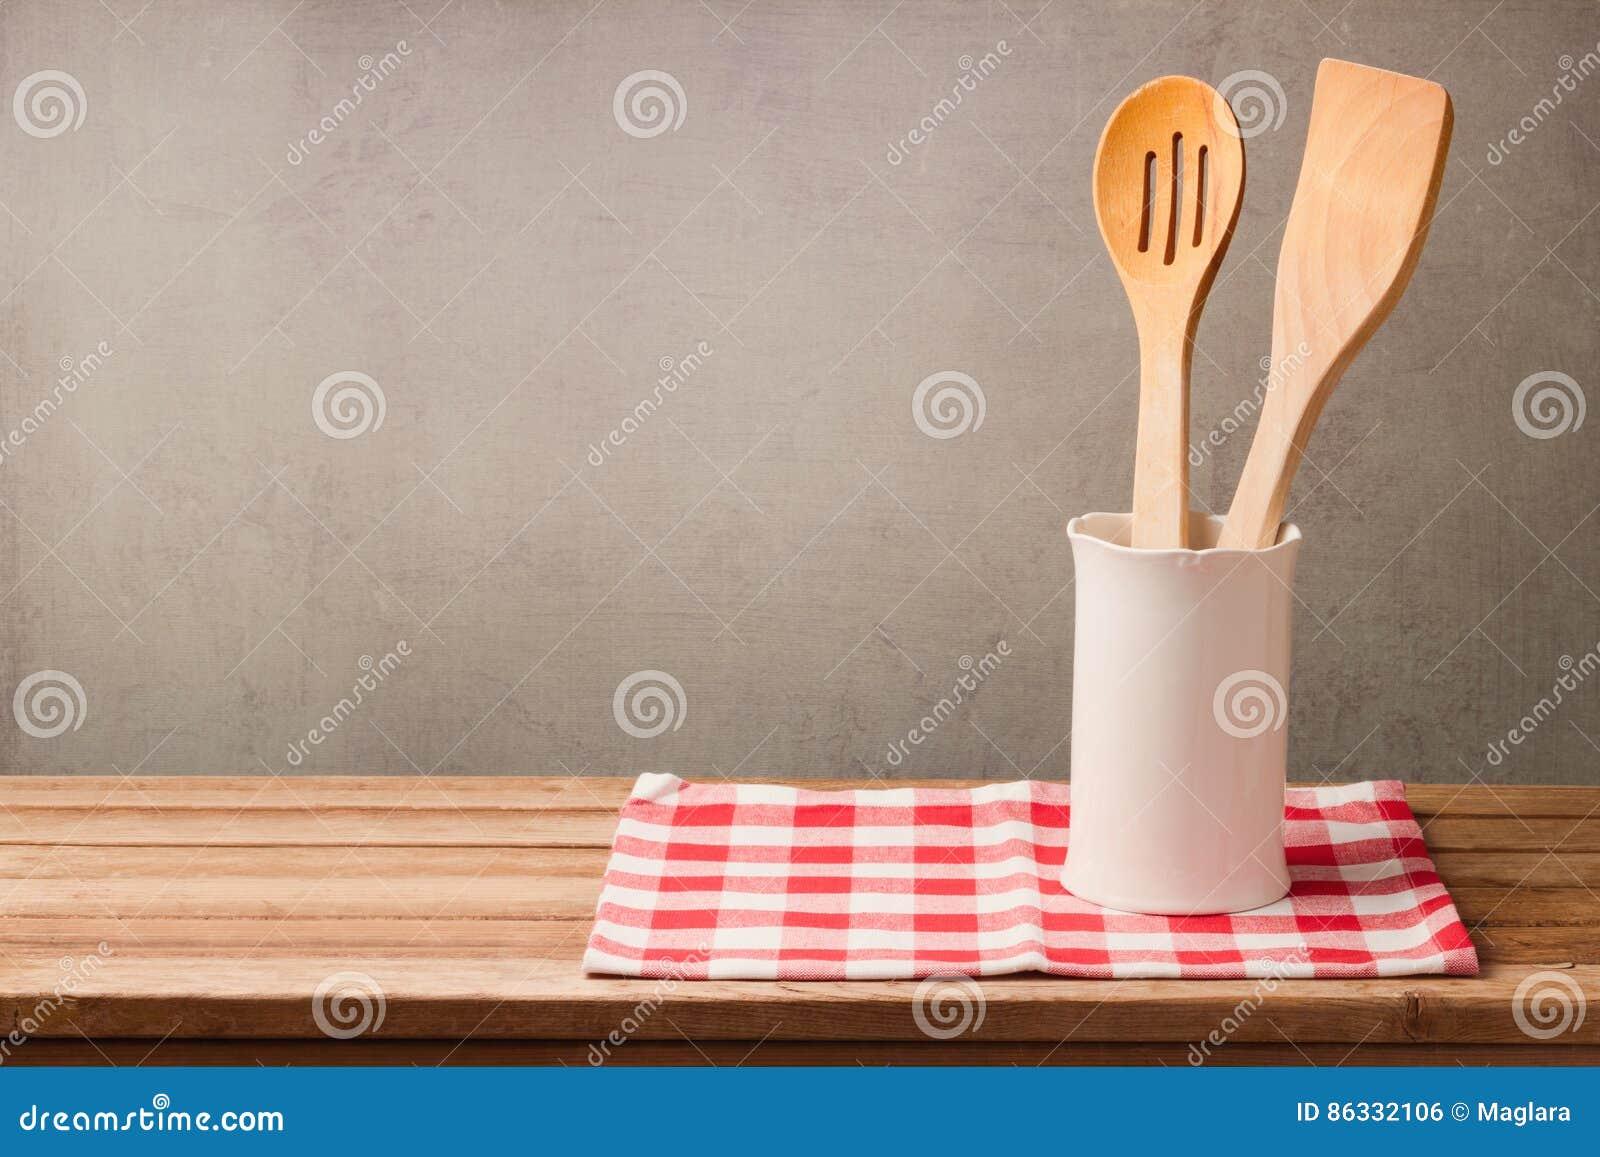 Ξύλινα εργαλεία κουζινών στον πίνακα με το τραπεζομάντιλο πέρα από το υπόβαθρο τοίχων grunge με το διάστημα αντιγράφων για το mon